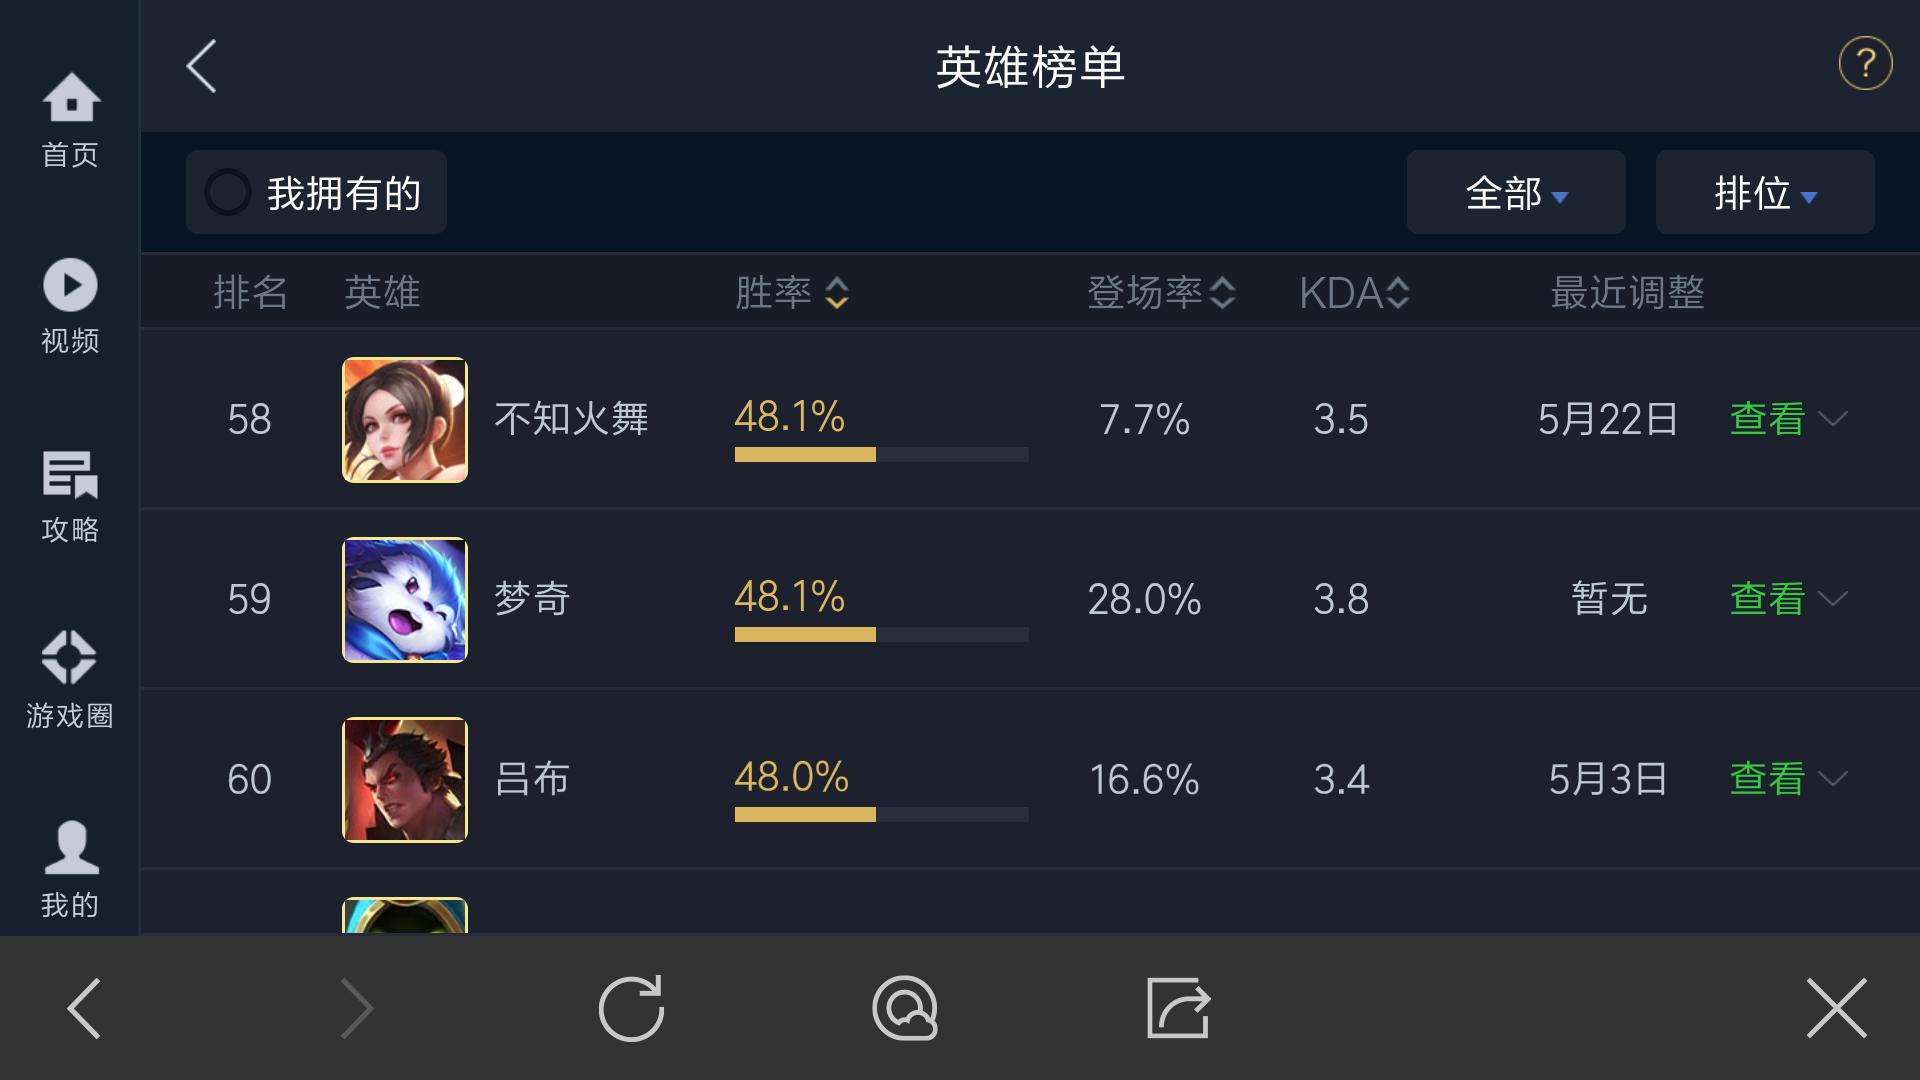 王者荣耀:S9最新胜率榜出炉你敢信梦奇排名倒数?